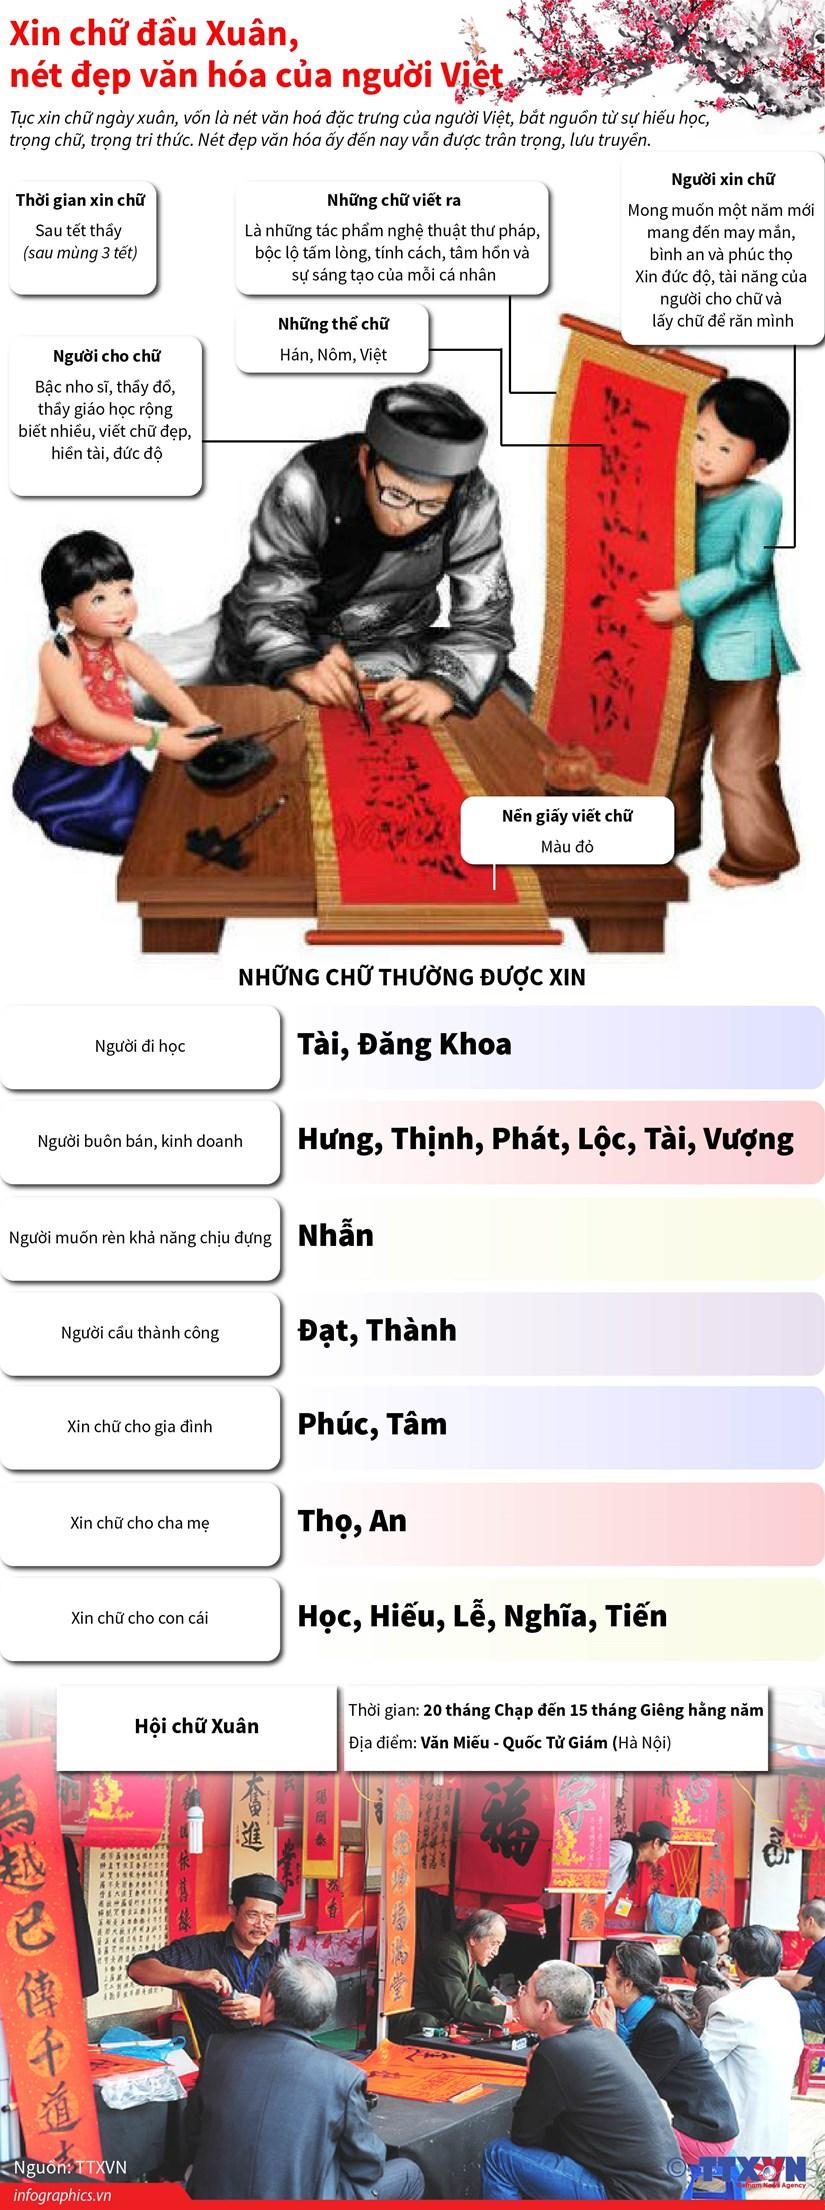 [Infographics] Xin chu dau Xuan, net dep van hoa cua nguoi Viet hinh anh 1